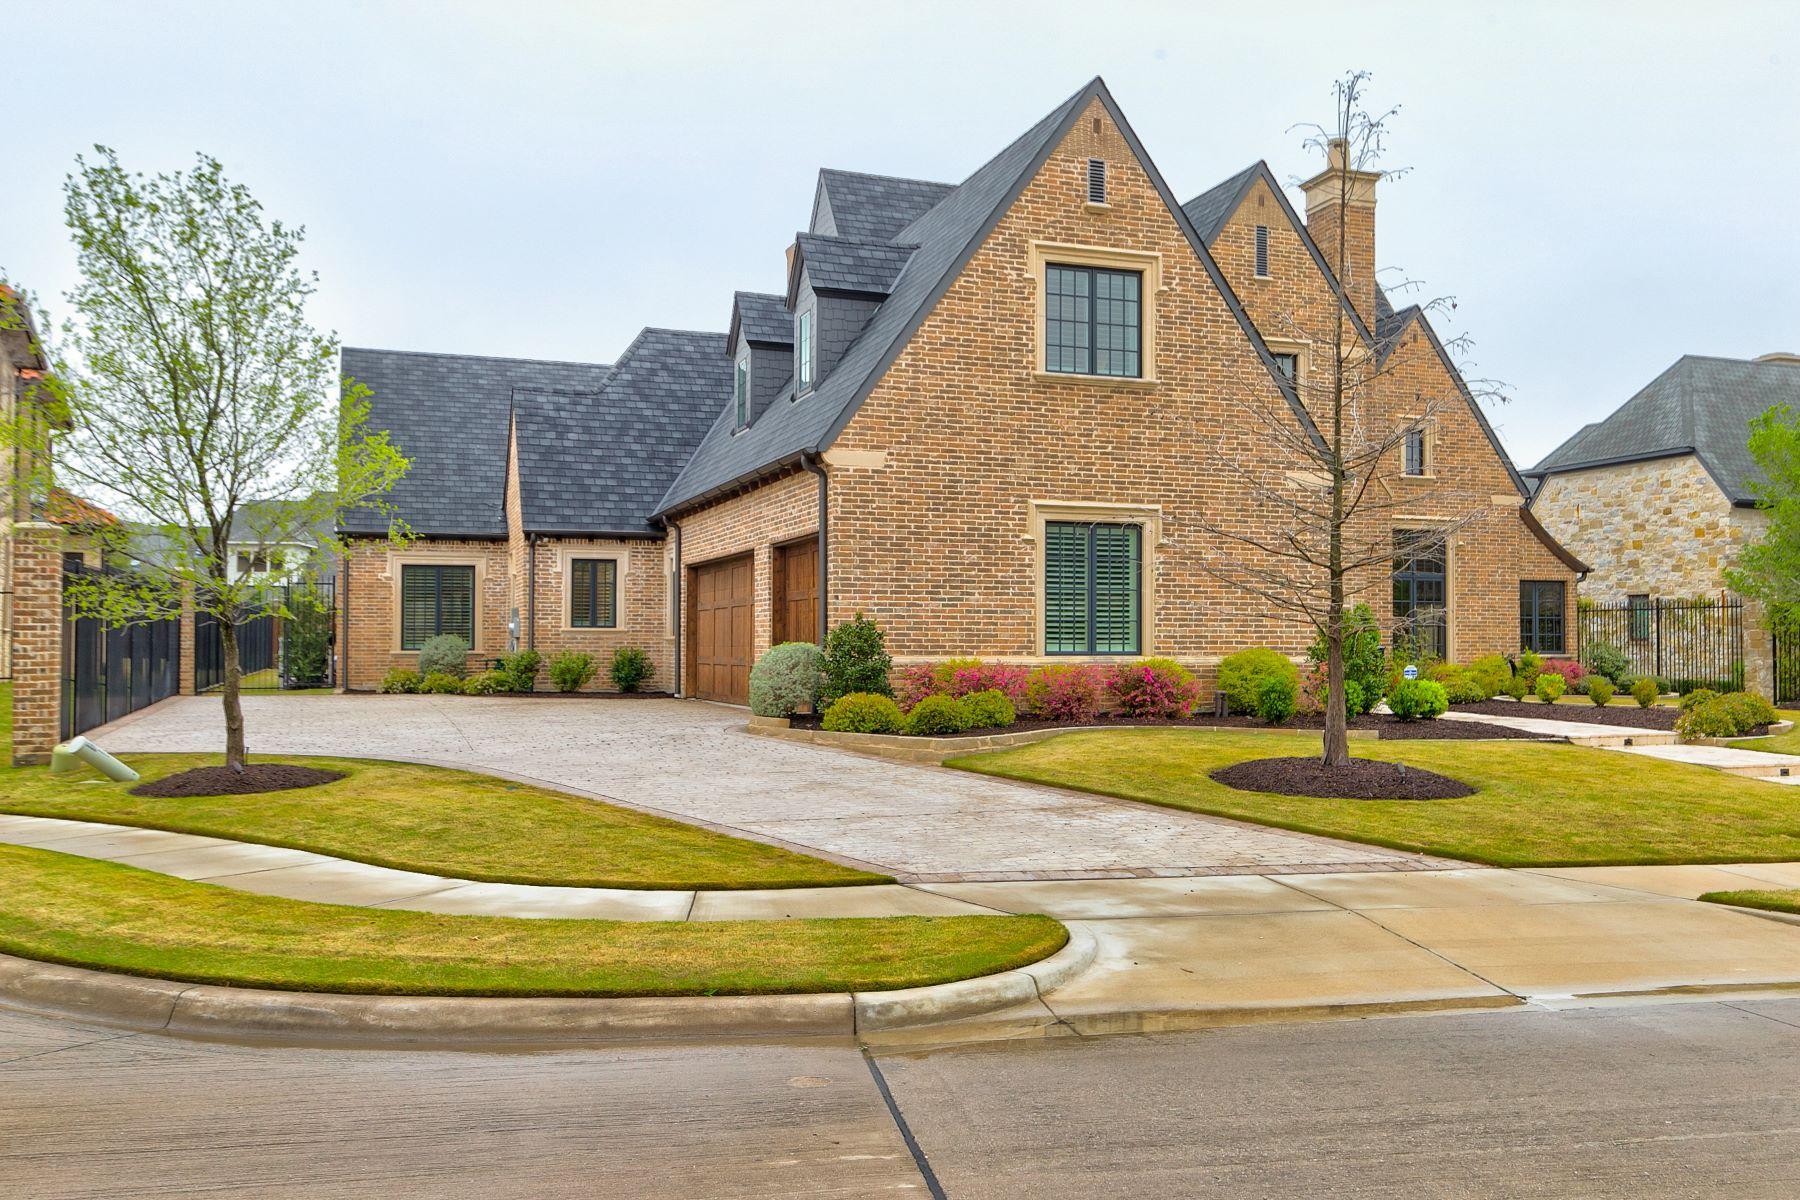 Single Family Homes für Verkauf beim Luxurious Home in Normandy Estates 6805 Mulhouse Court, Plano, Texas 75024 Vereinigte Staaten